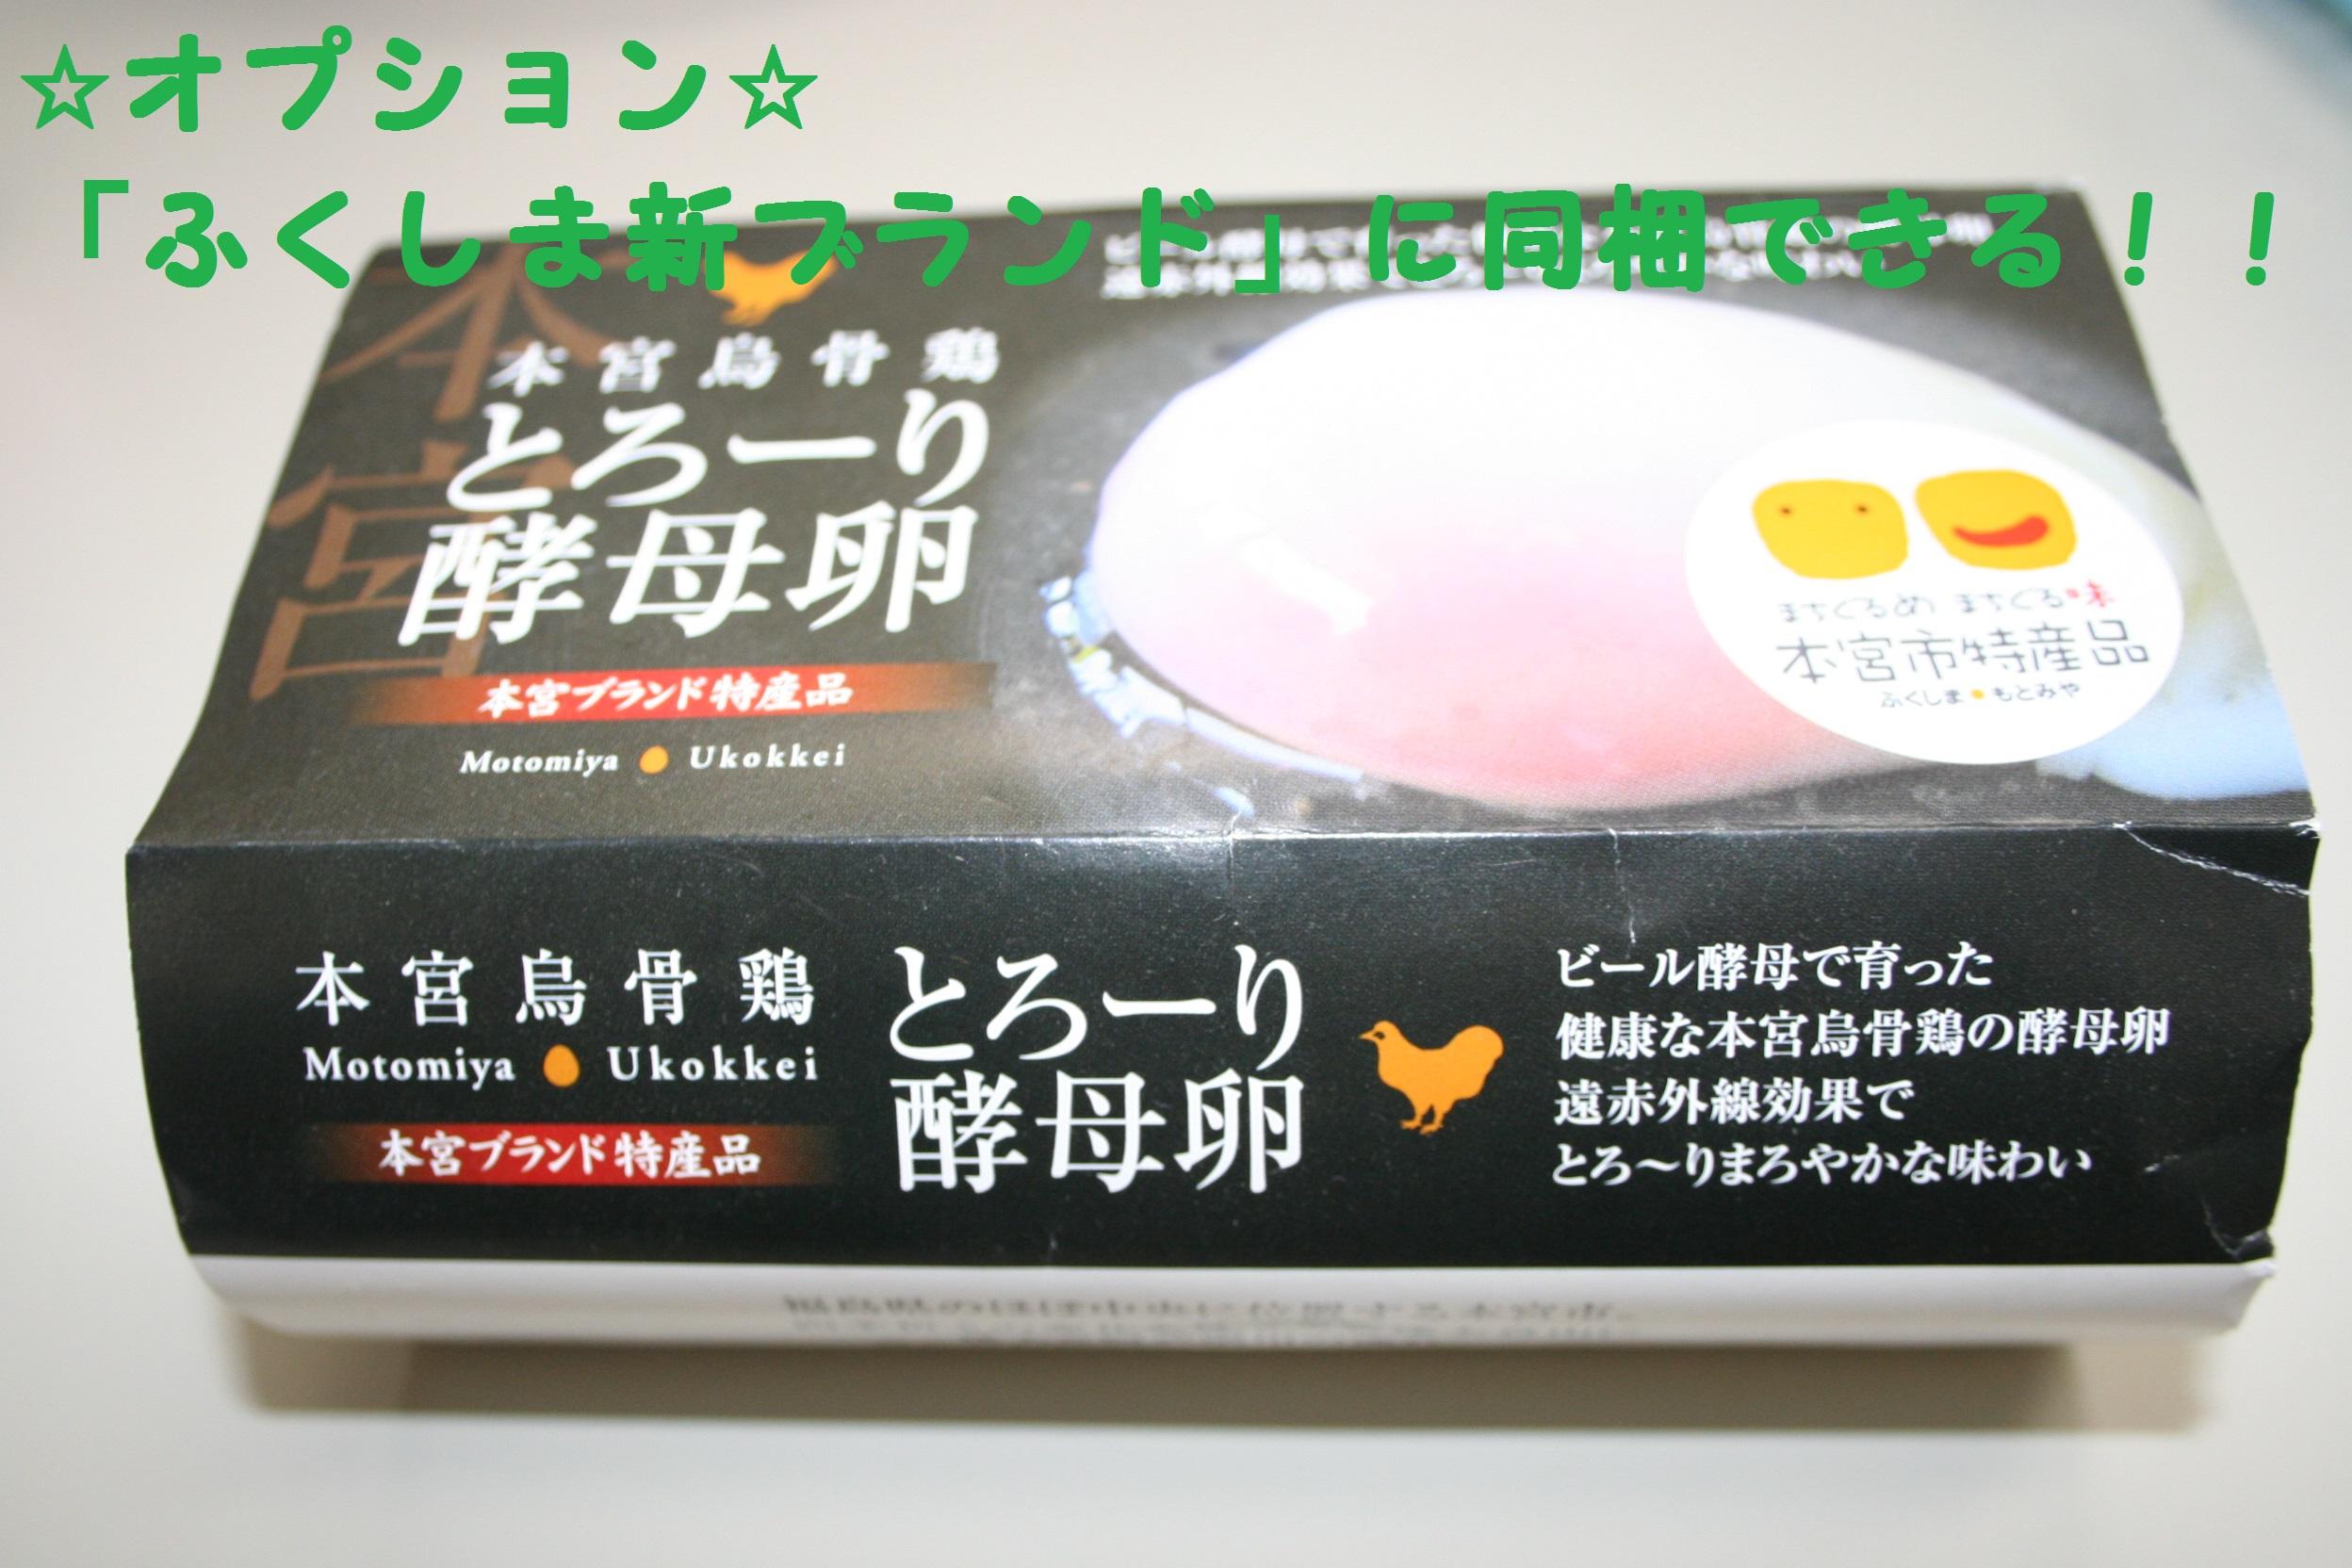 <次回5/22(月)分に同梱します>ふくしま新ブランドオプション【本宮烏骨鶏のとろーり酵母卵(温泉卵)6個入】